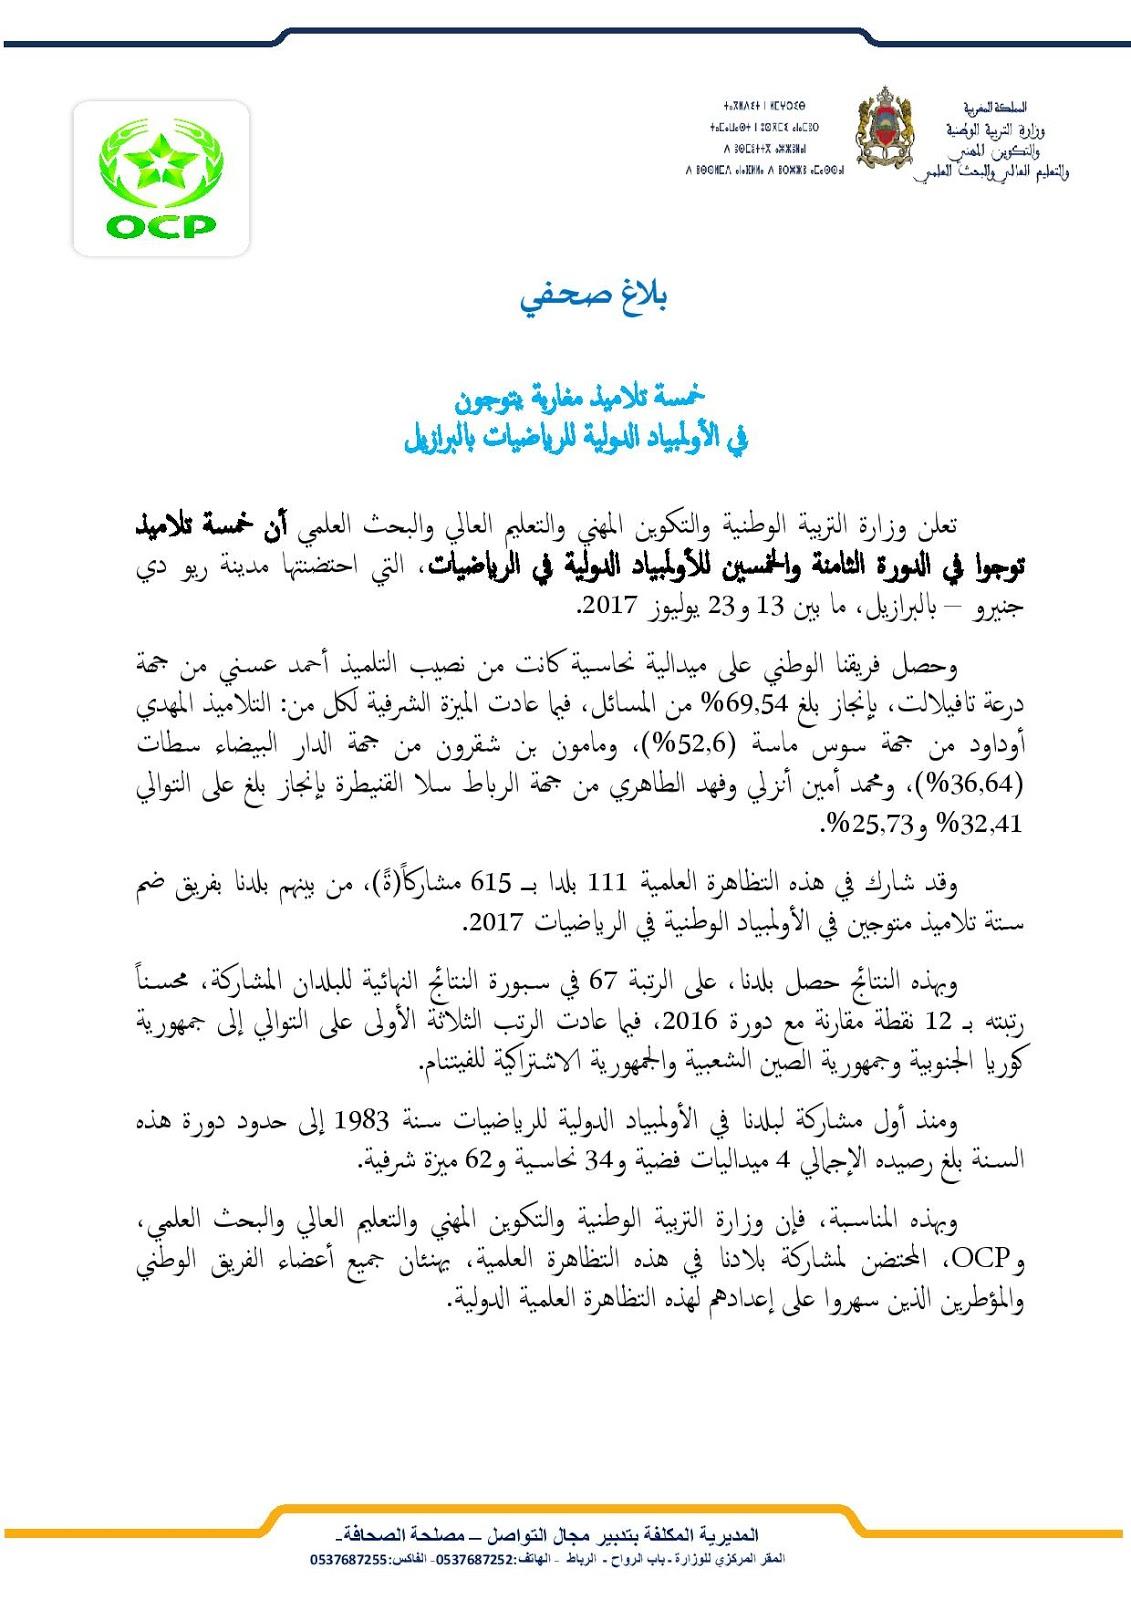 بلاغ خمسة  تلاميذ مغاربة يتوجون في الأولمبياد الدولية للرياضيات بالبرازيل